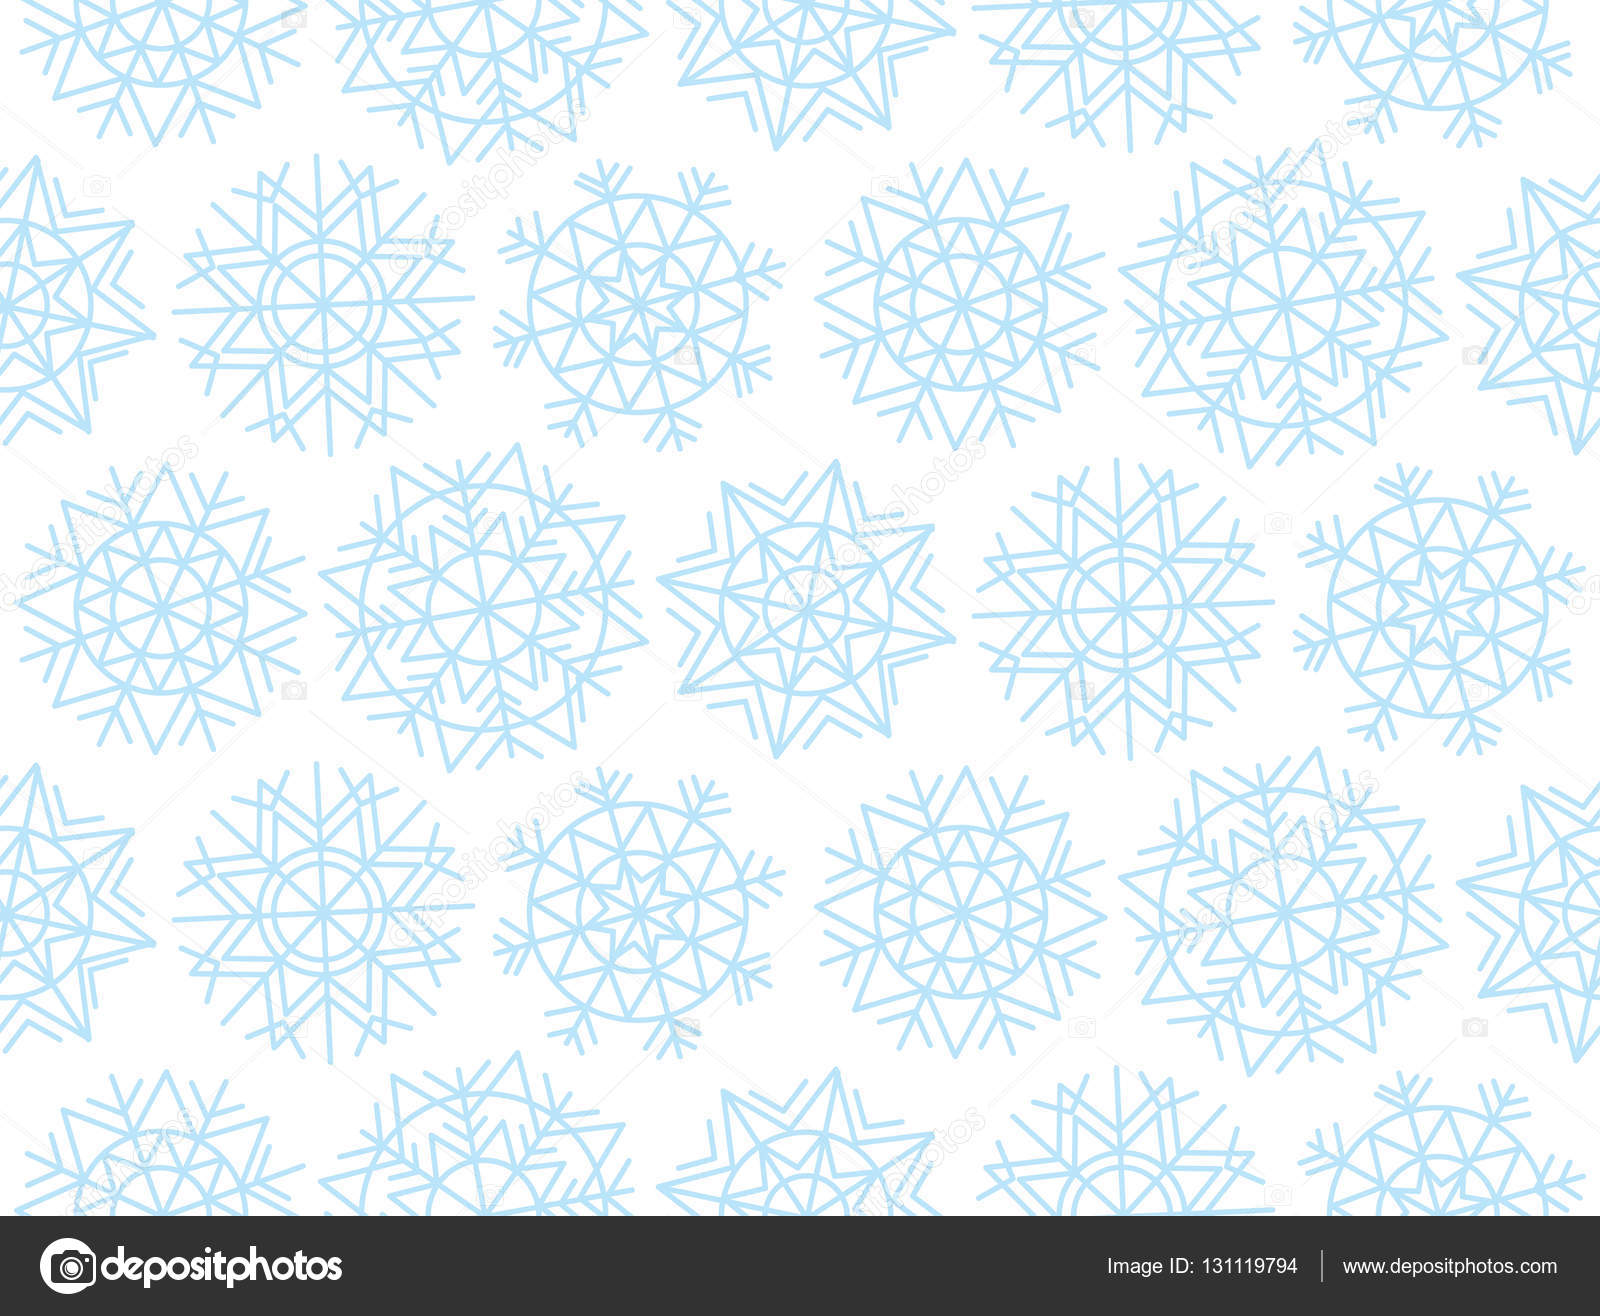 Weihnachten Schneeflocken Hintergrund. Xmas nahtlos mit dekorativen ...